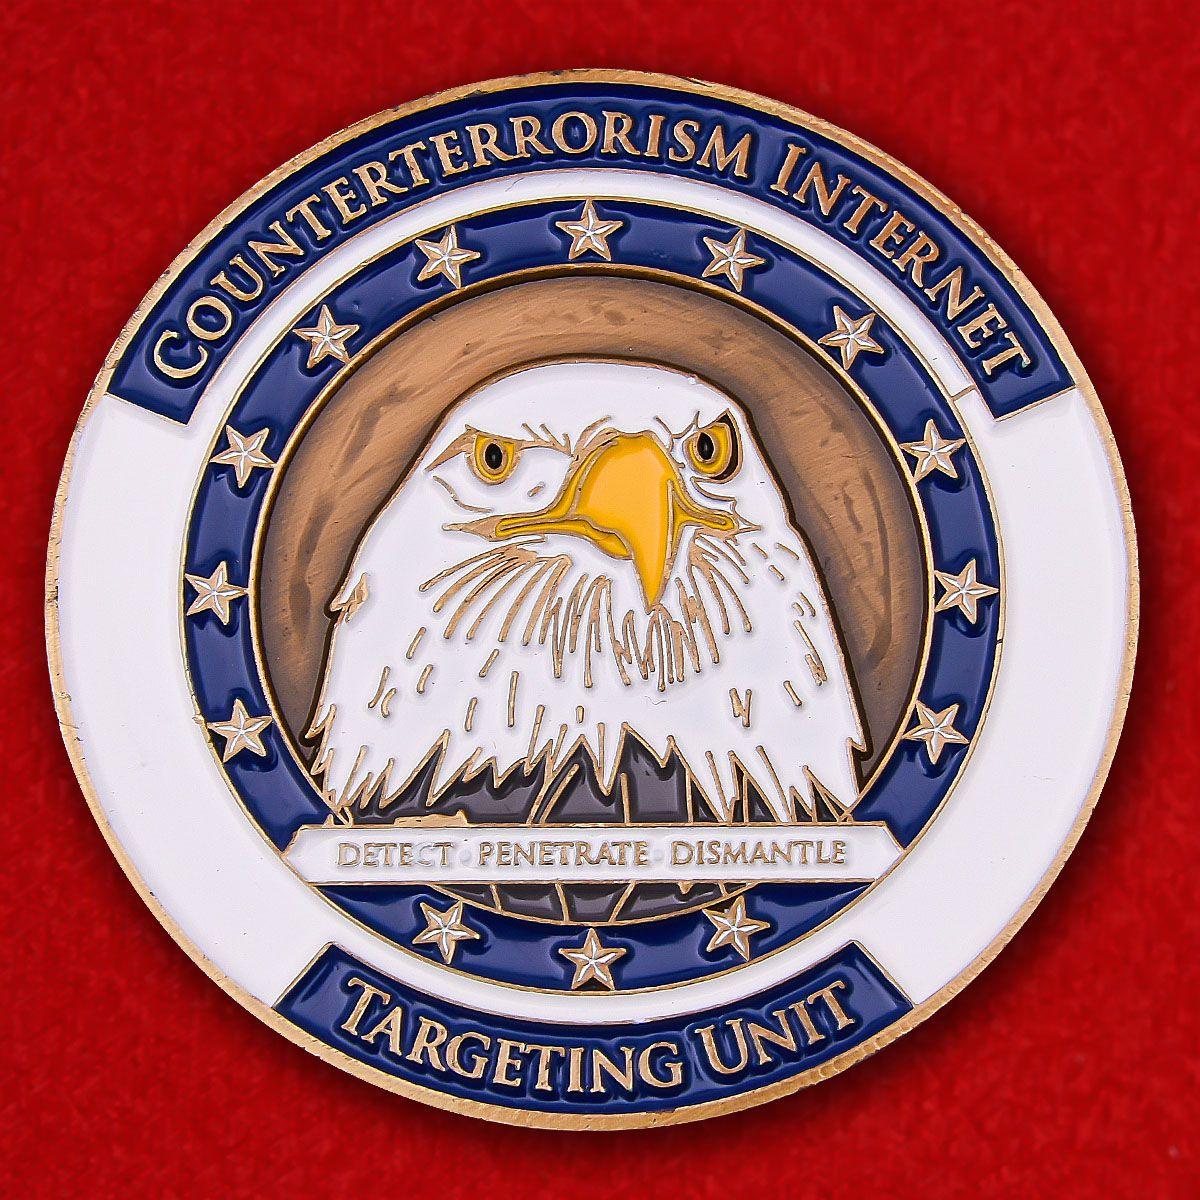 FBI Counterterrorism Division Challenge Coin